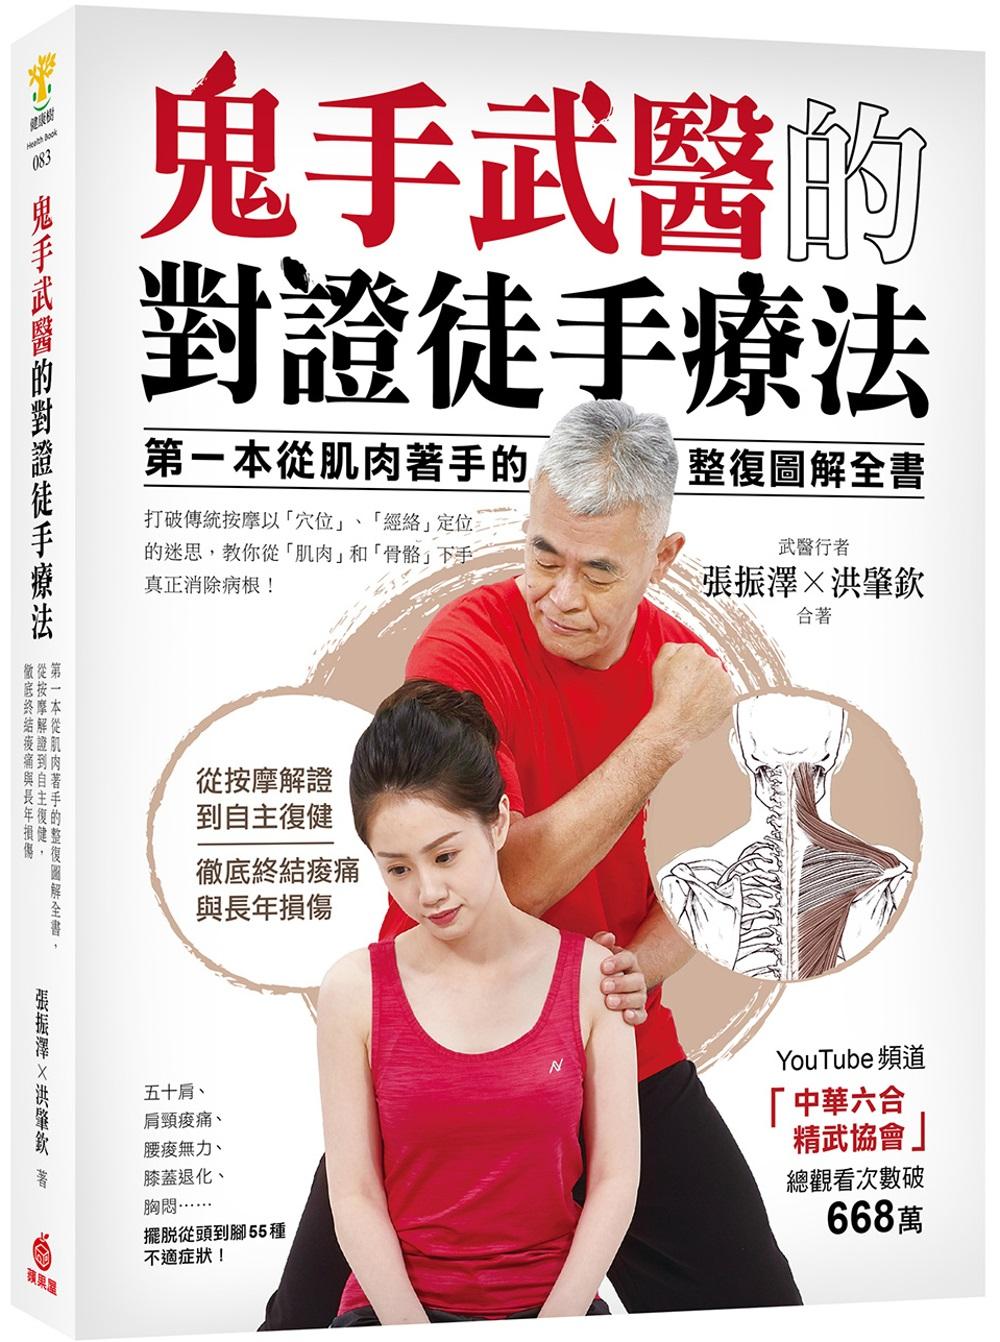 鬼手武醫的對證徒手療法:第一本從肌肉著手的整復圖解全書,從按摩解證到自主復健,徹底終結痠痛與長年損傷